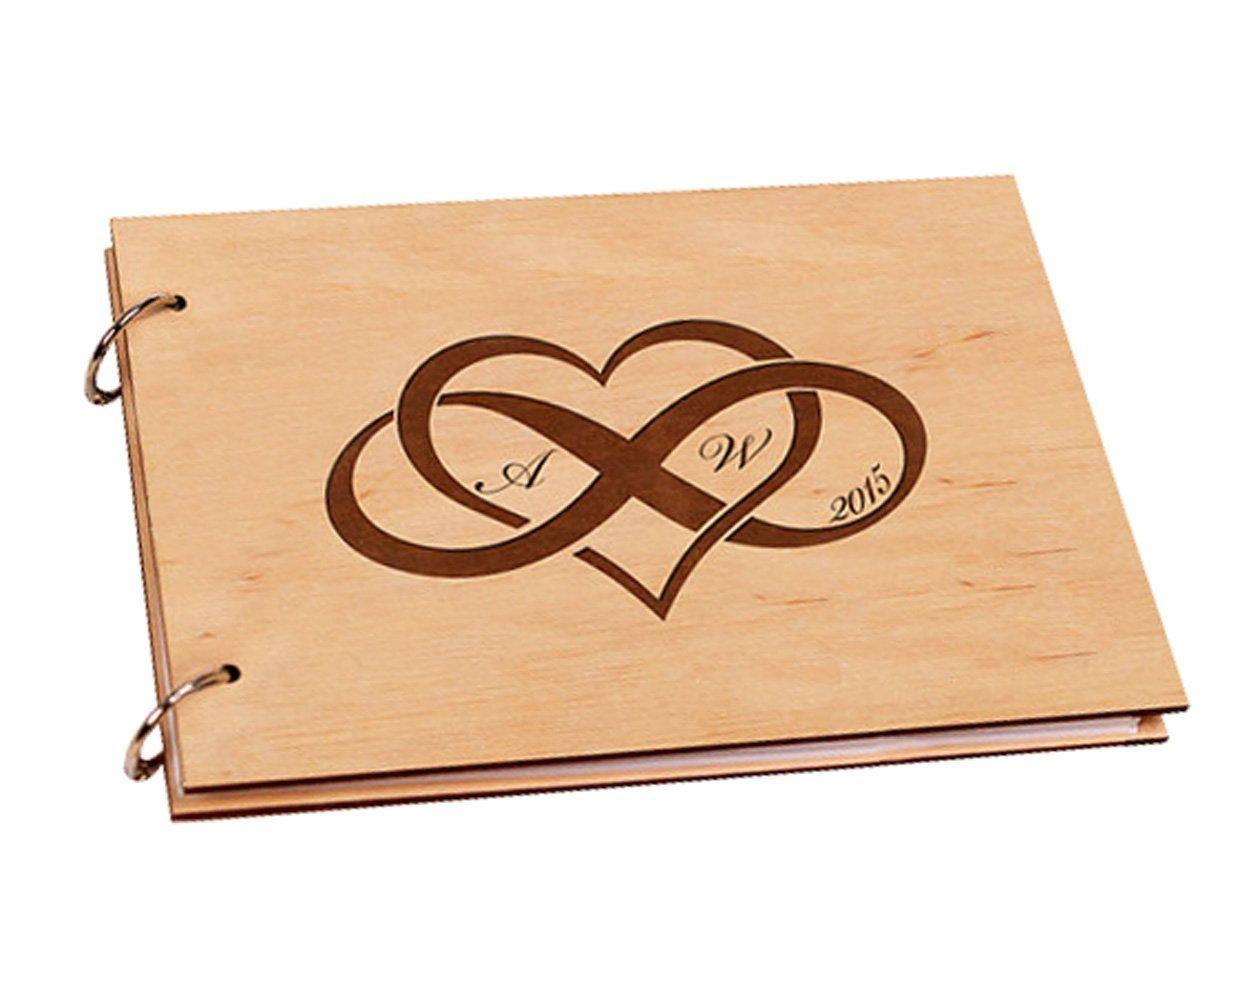 Inciso amore infinito personalizzato iniziale regali di anniversario di matrimonio Scrap Book album per foto 20, 3x 30, 5cm jennydeki